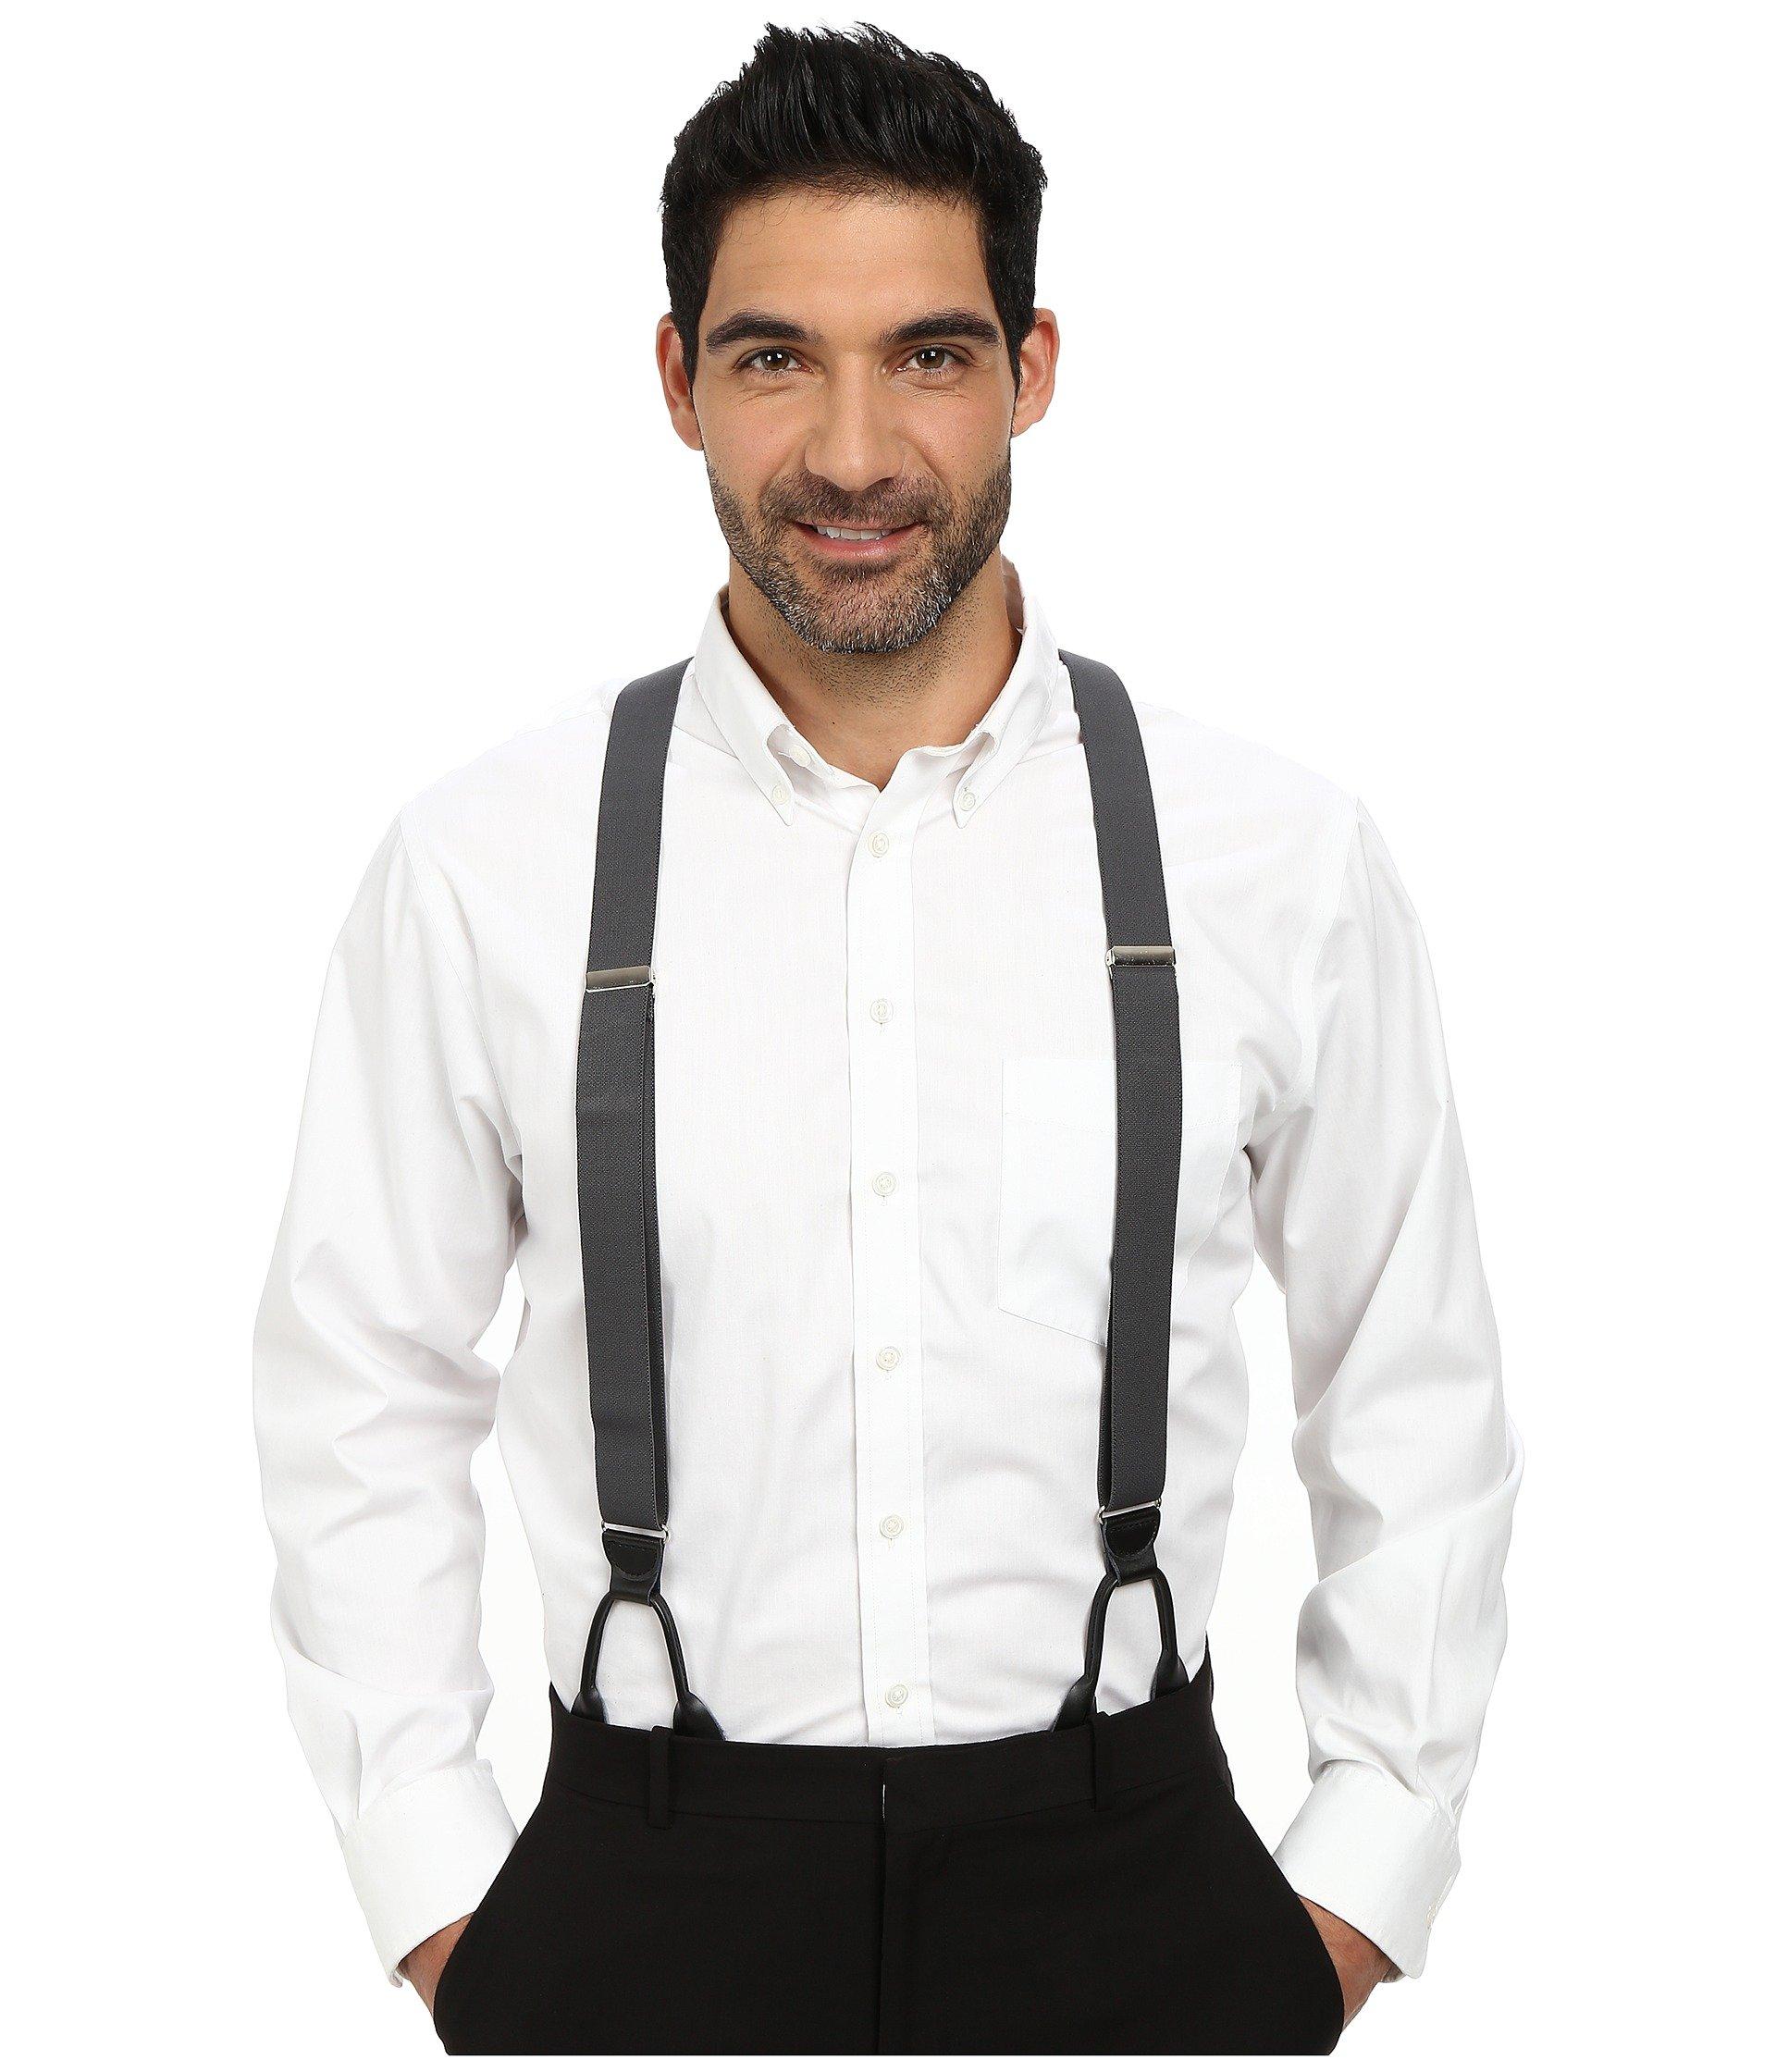 Corbata para Hombre Stacy Adams Button-On Suspenders XL  + Stacy Adams en VeoyCompro.net